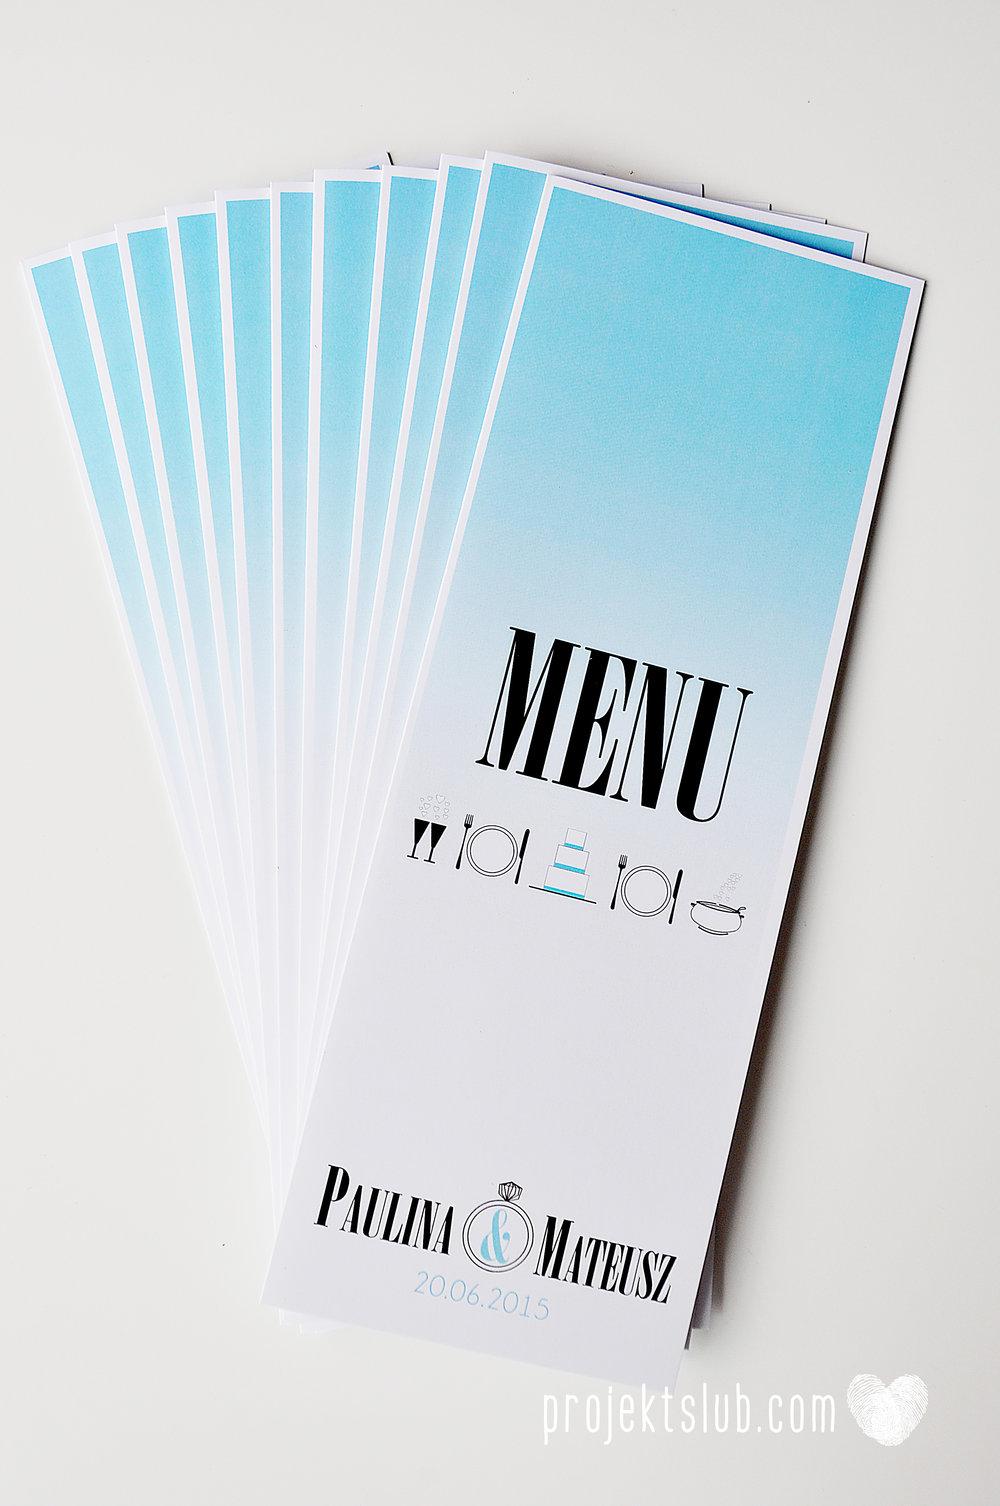 eleganckie zaproszenie ślubne śniadanie u Tiffany'ego 4 błękit biel glamour ombre cieniowane ze zdjęciem graficzne Projekt Ślub (19).jpg